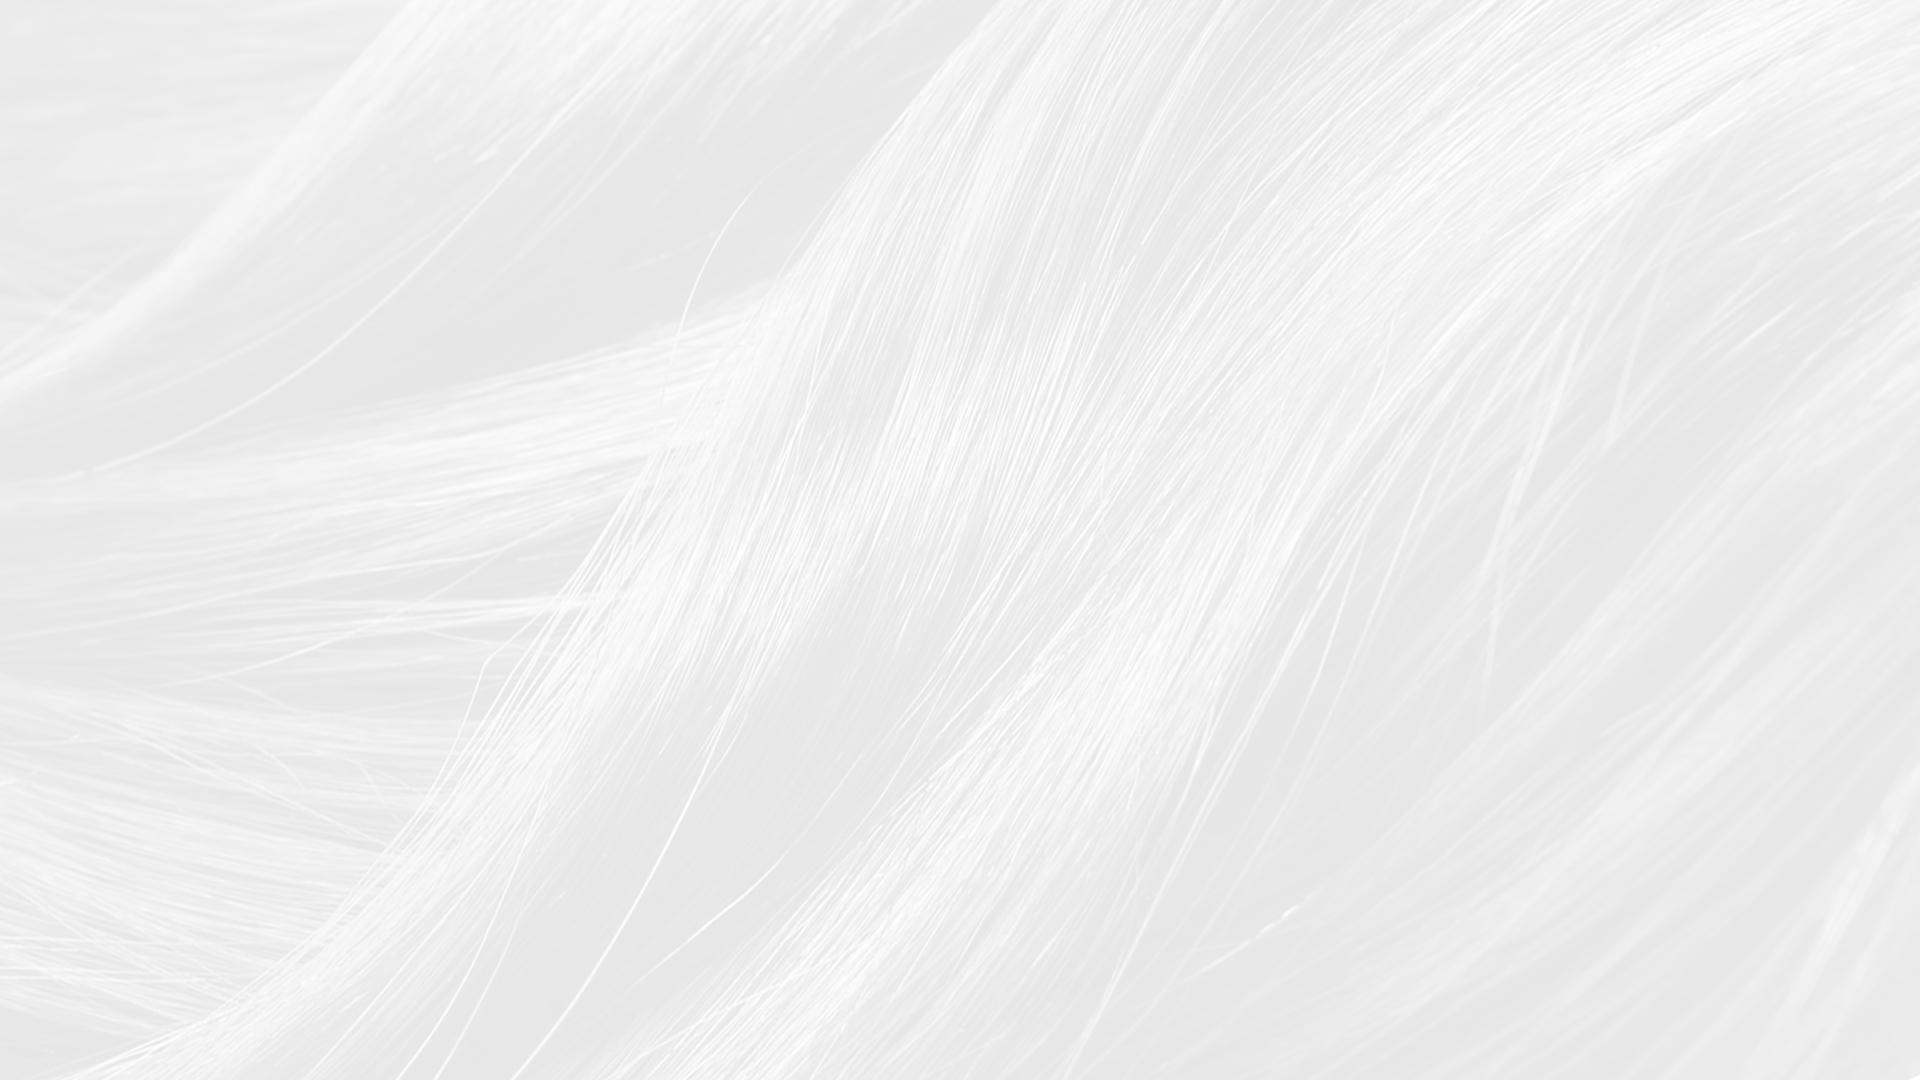 image of flowing hair